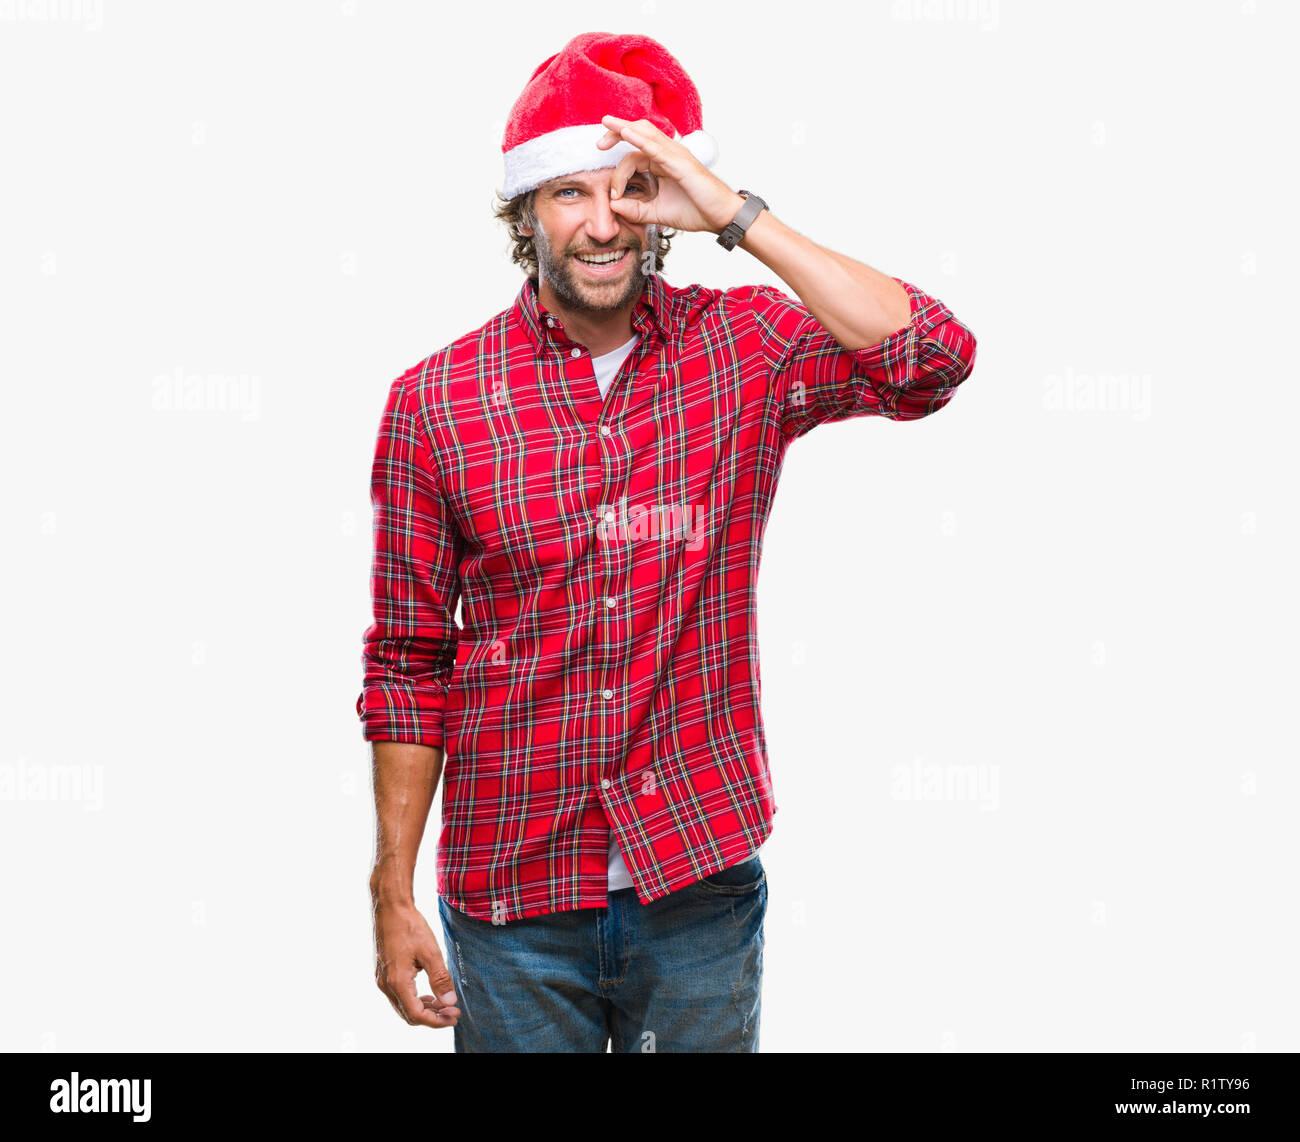 Babbo Natale Uomo Bello.Bello Ispanica Modello Uomo Indossa Babbo Natale Natale Su Sfondo Isolata Facendo Ok Gesto Con La Mano Sorridendo Occhio Guardando Attraverso Le Dita Wit Foto Stock Alamy